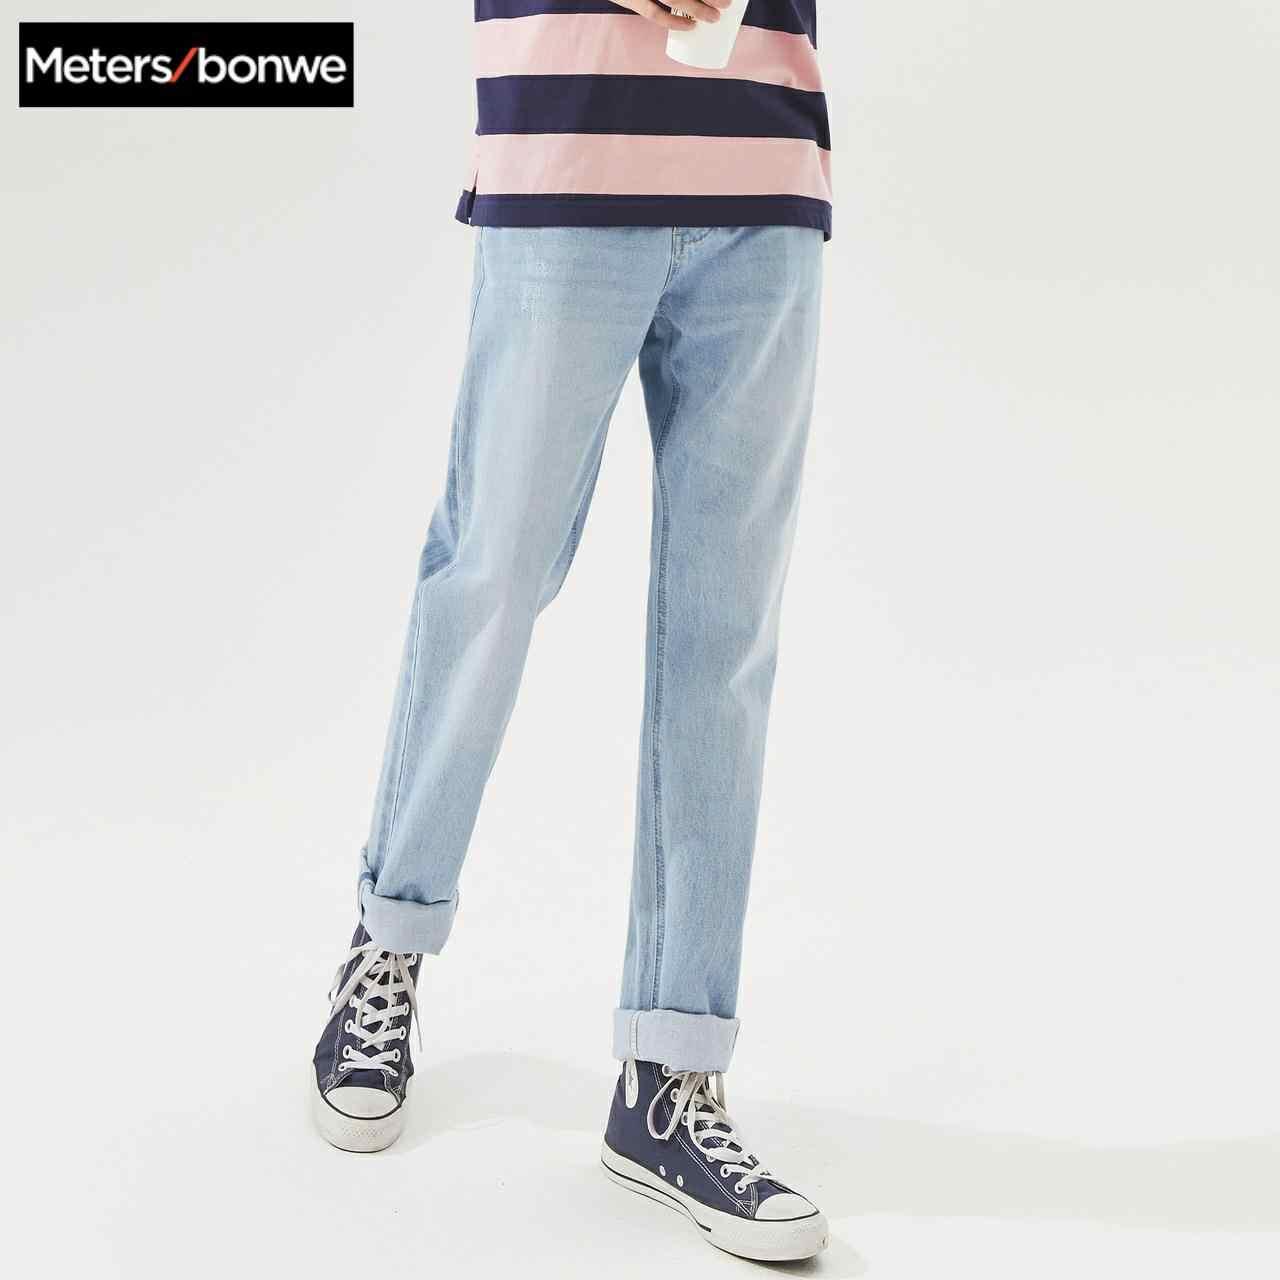 Metersbonwe 2020 신 남성 청바지 스키니 스트리트웨어 블루 팬츠 슬림 팬츠 청소년 캐주얼 트렌드 스트레이트 청바지 남성